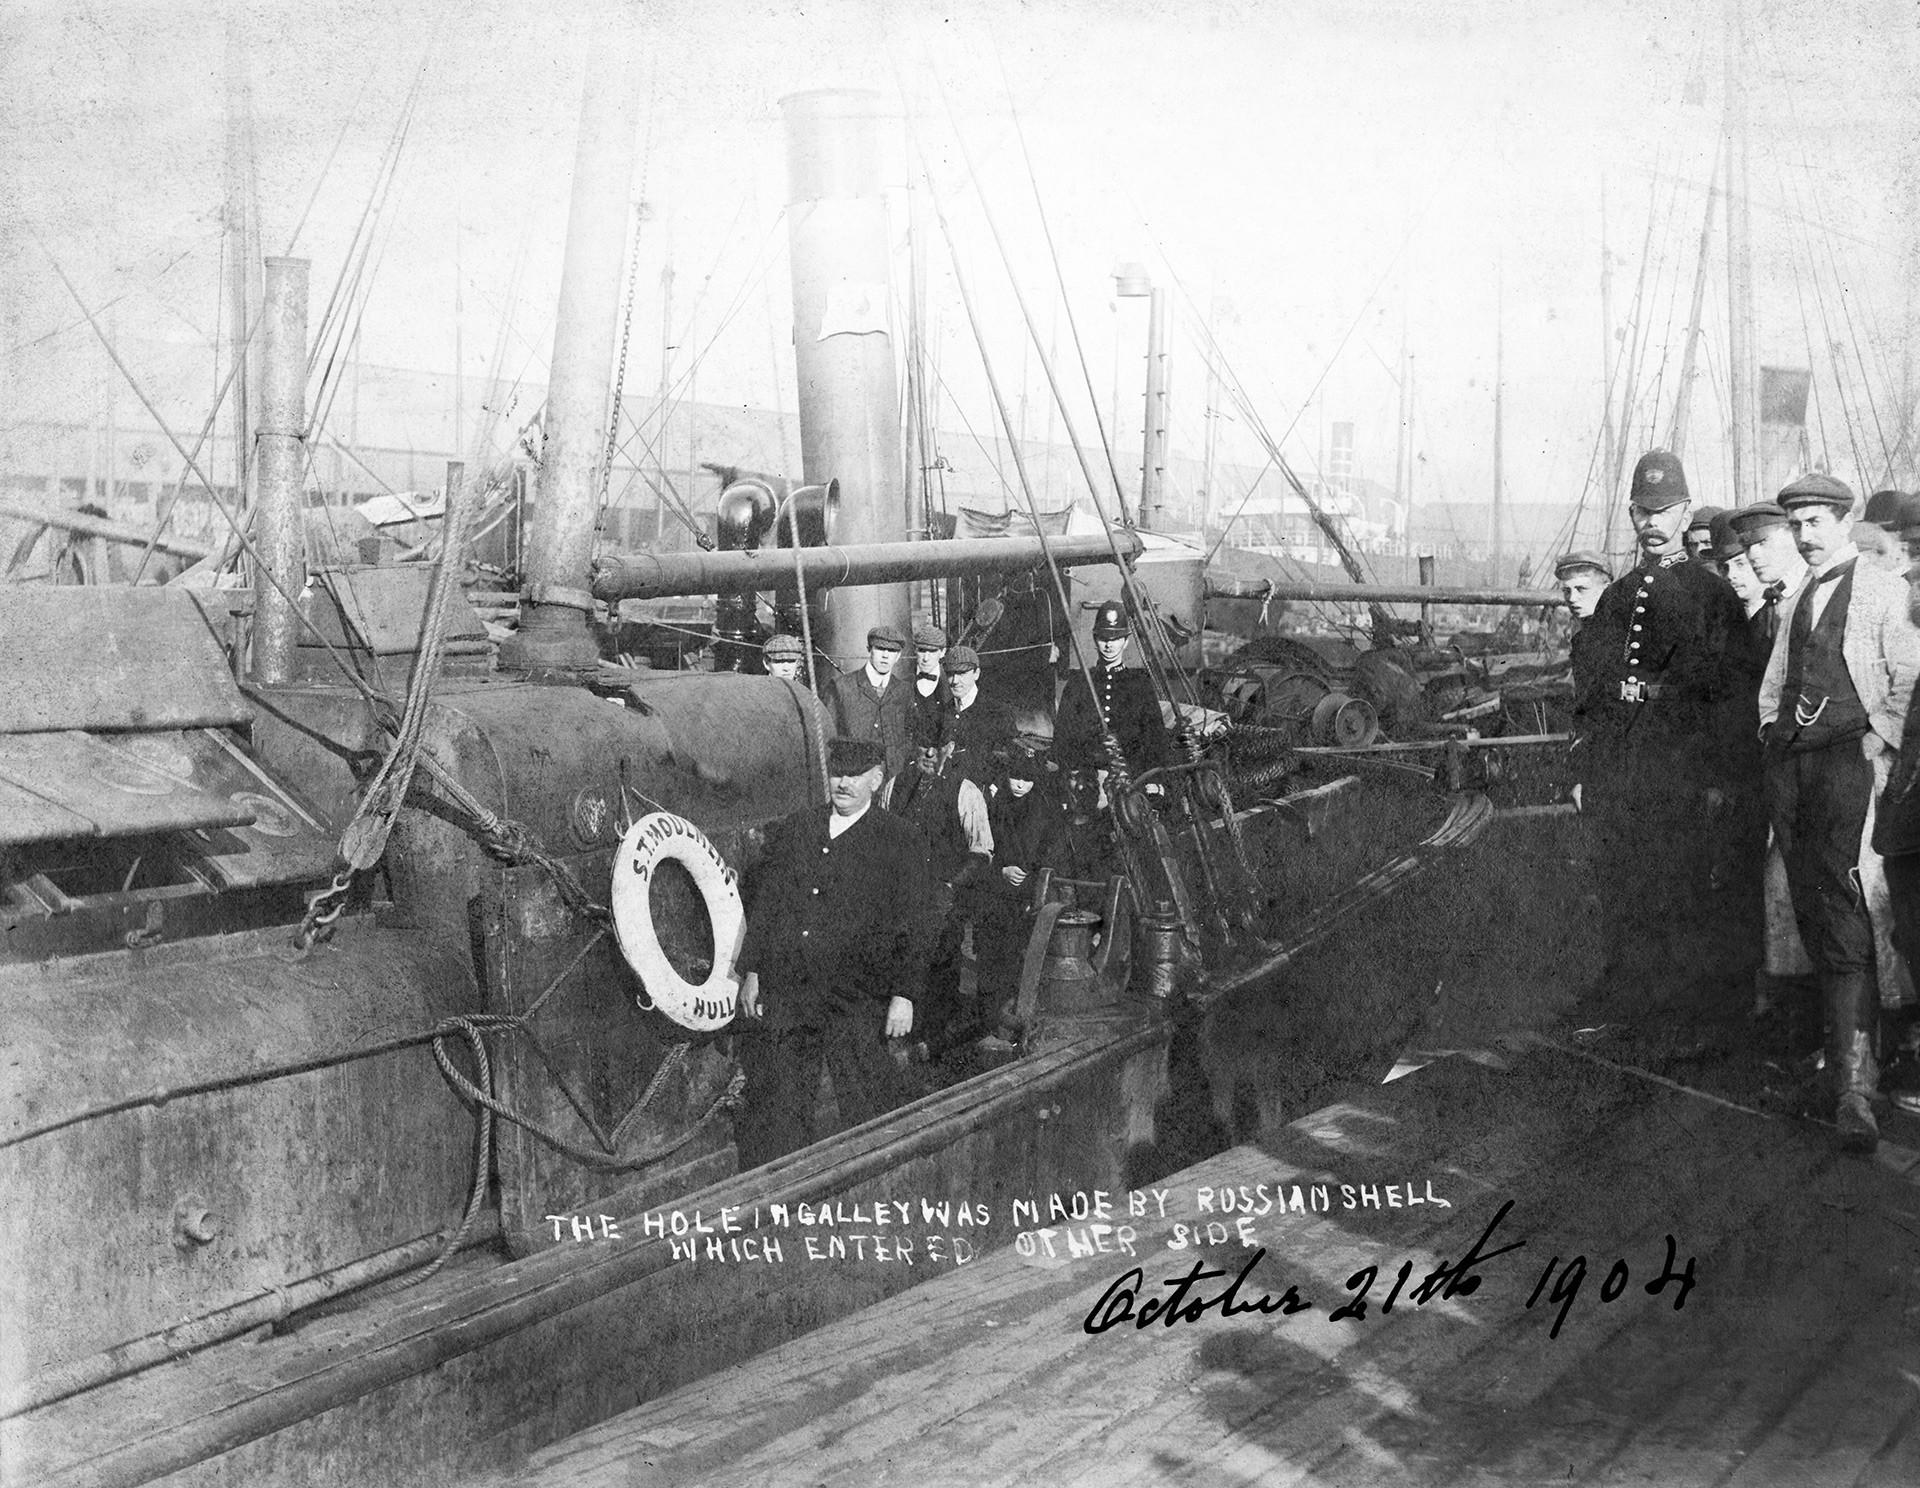 Рупа на пароброду St Moulmein од руског пројектила после напада руске Балтичке флоте на енглеску рибарску флотилу 21. октобра 1904.